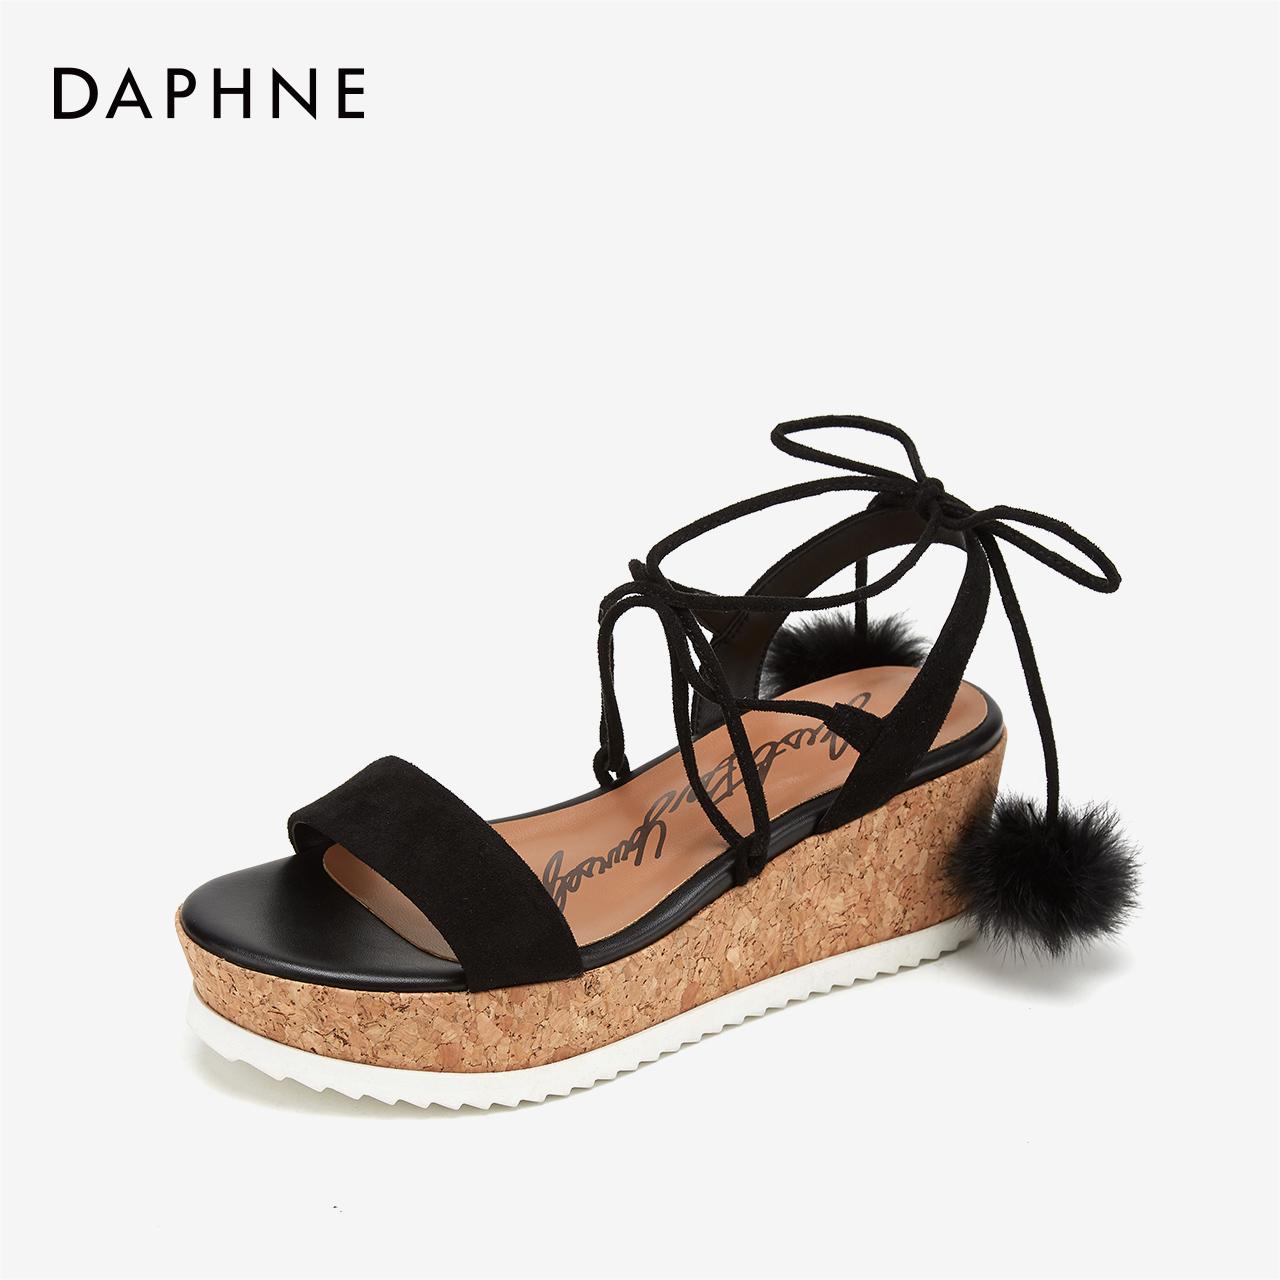 达芙妮坡跟鞋 达芙妮女鞋夏凉鞋坡跟女特价特价正品凉鞋休闲一字带纯色高跟鞋_推荐淘宝好看的达芙妮坡跟鞋